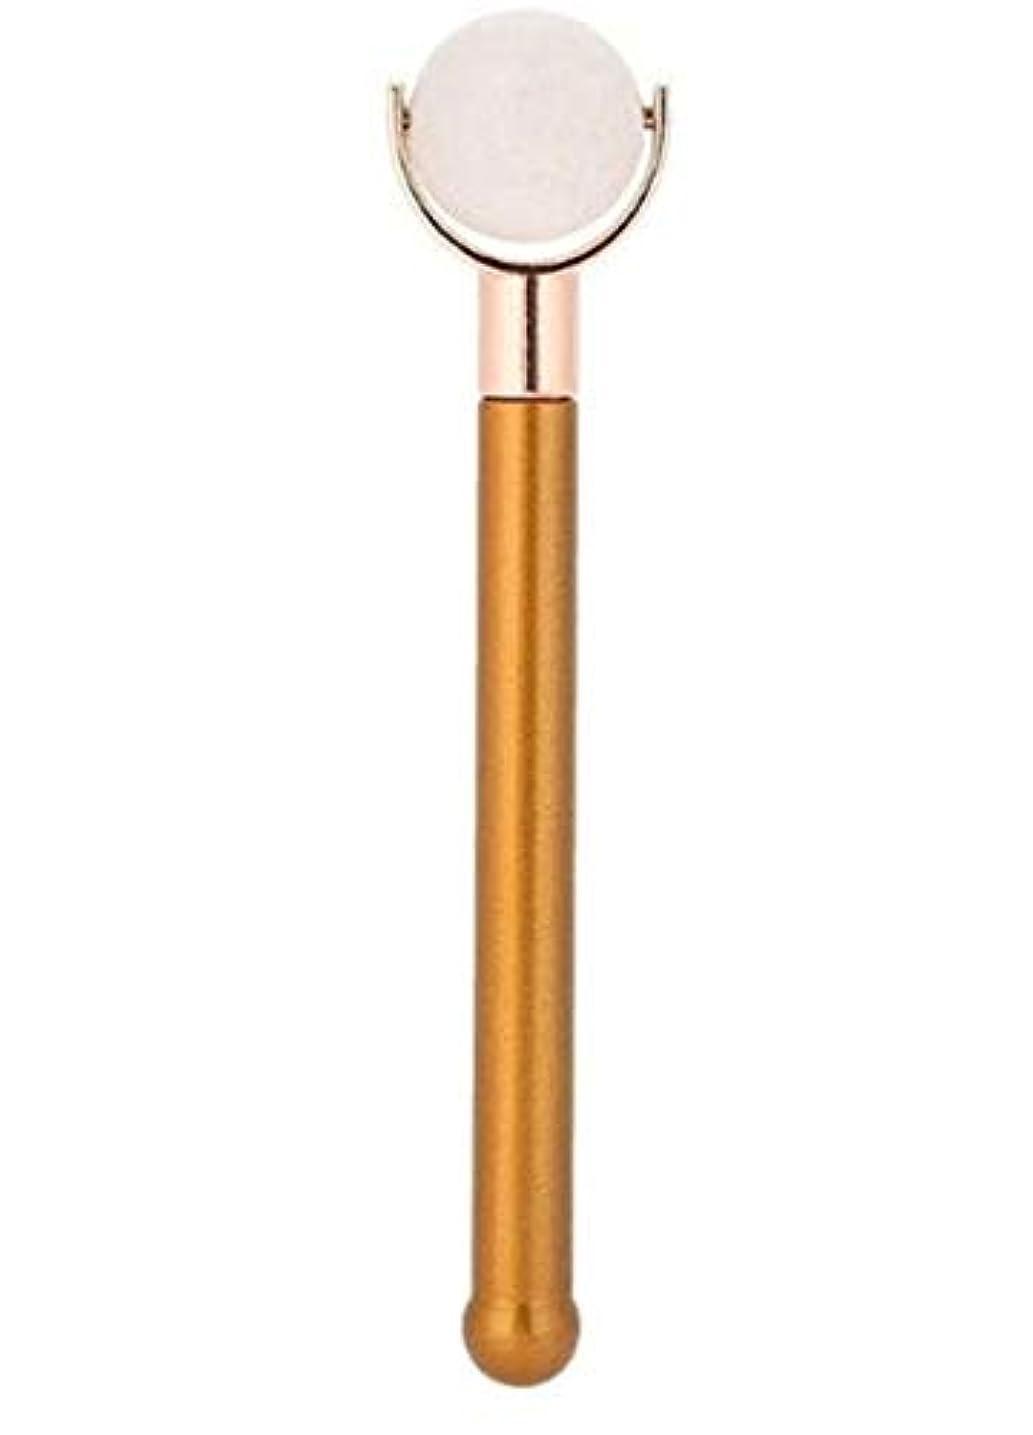 移住するぼんやりしたループEcho & Kern 翡翠フェイスローラー顔用翡翠ローラー Durable Jade Purple Roller metal handle Spa Acupunture Massage tool (白いジェイド)